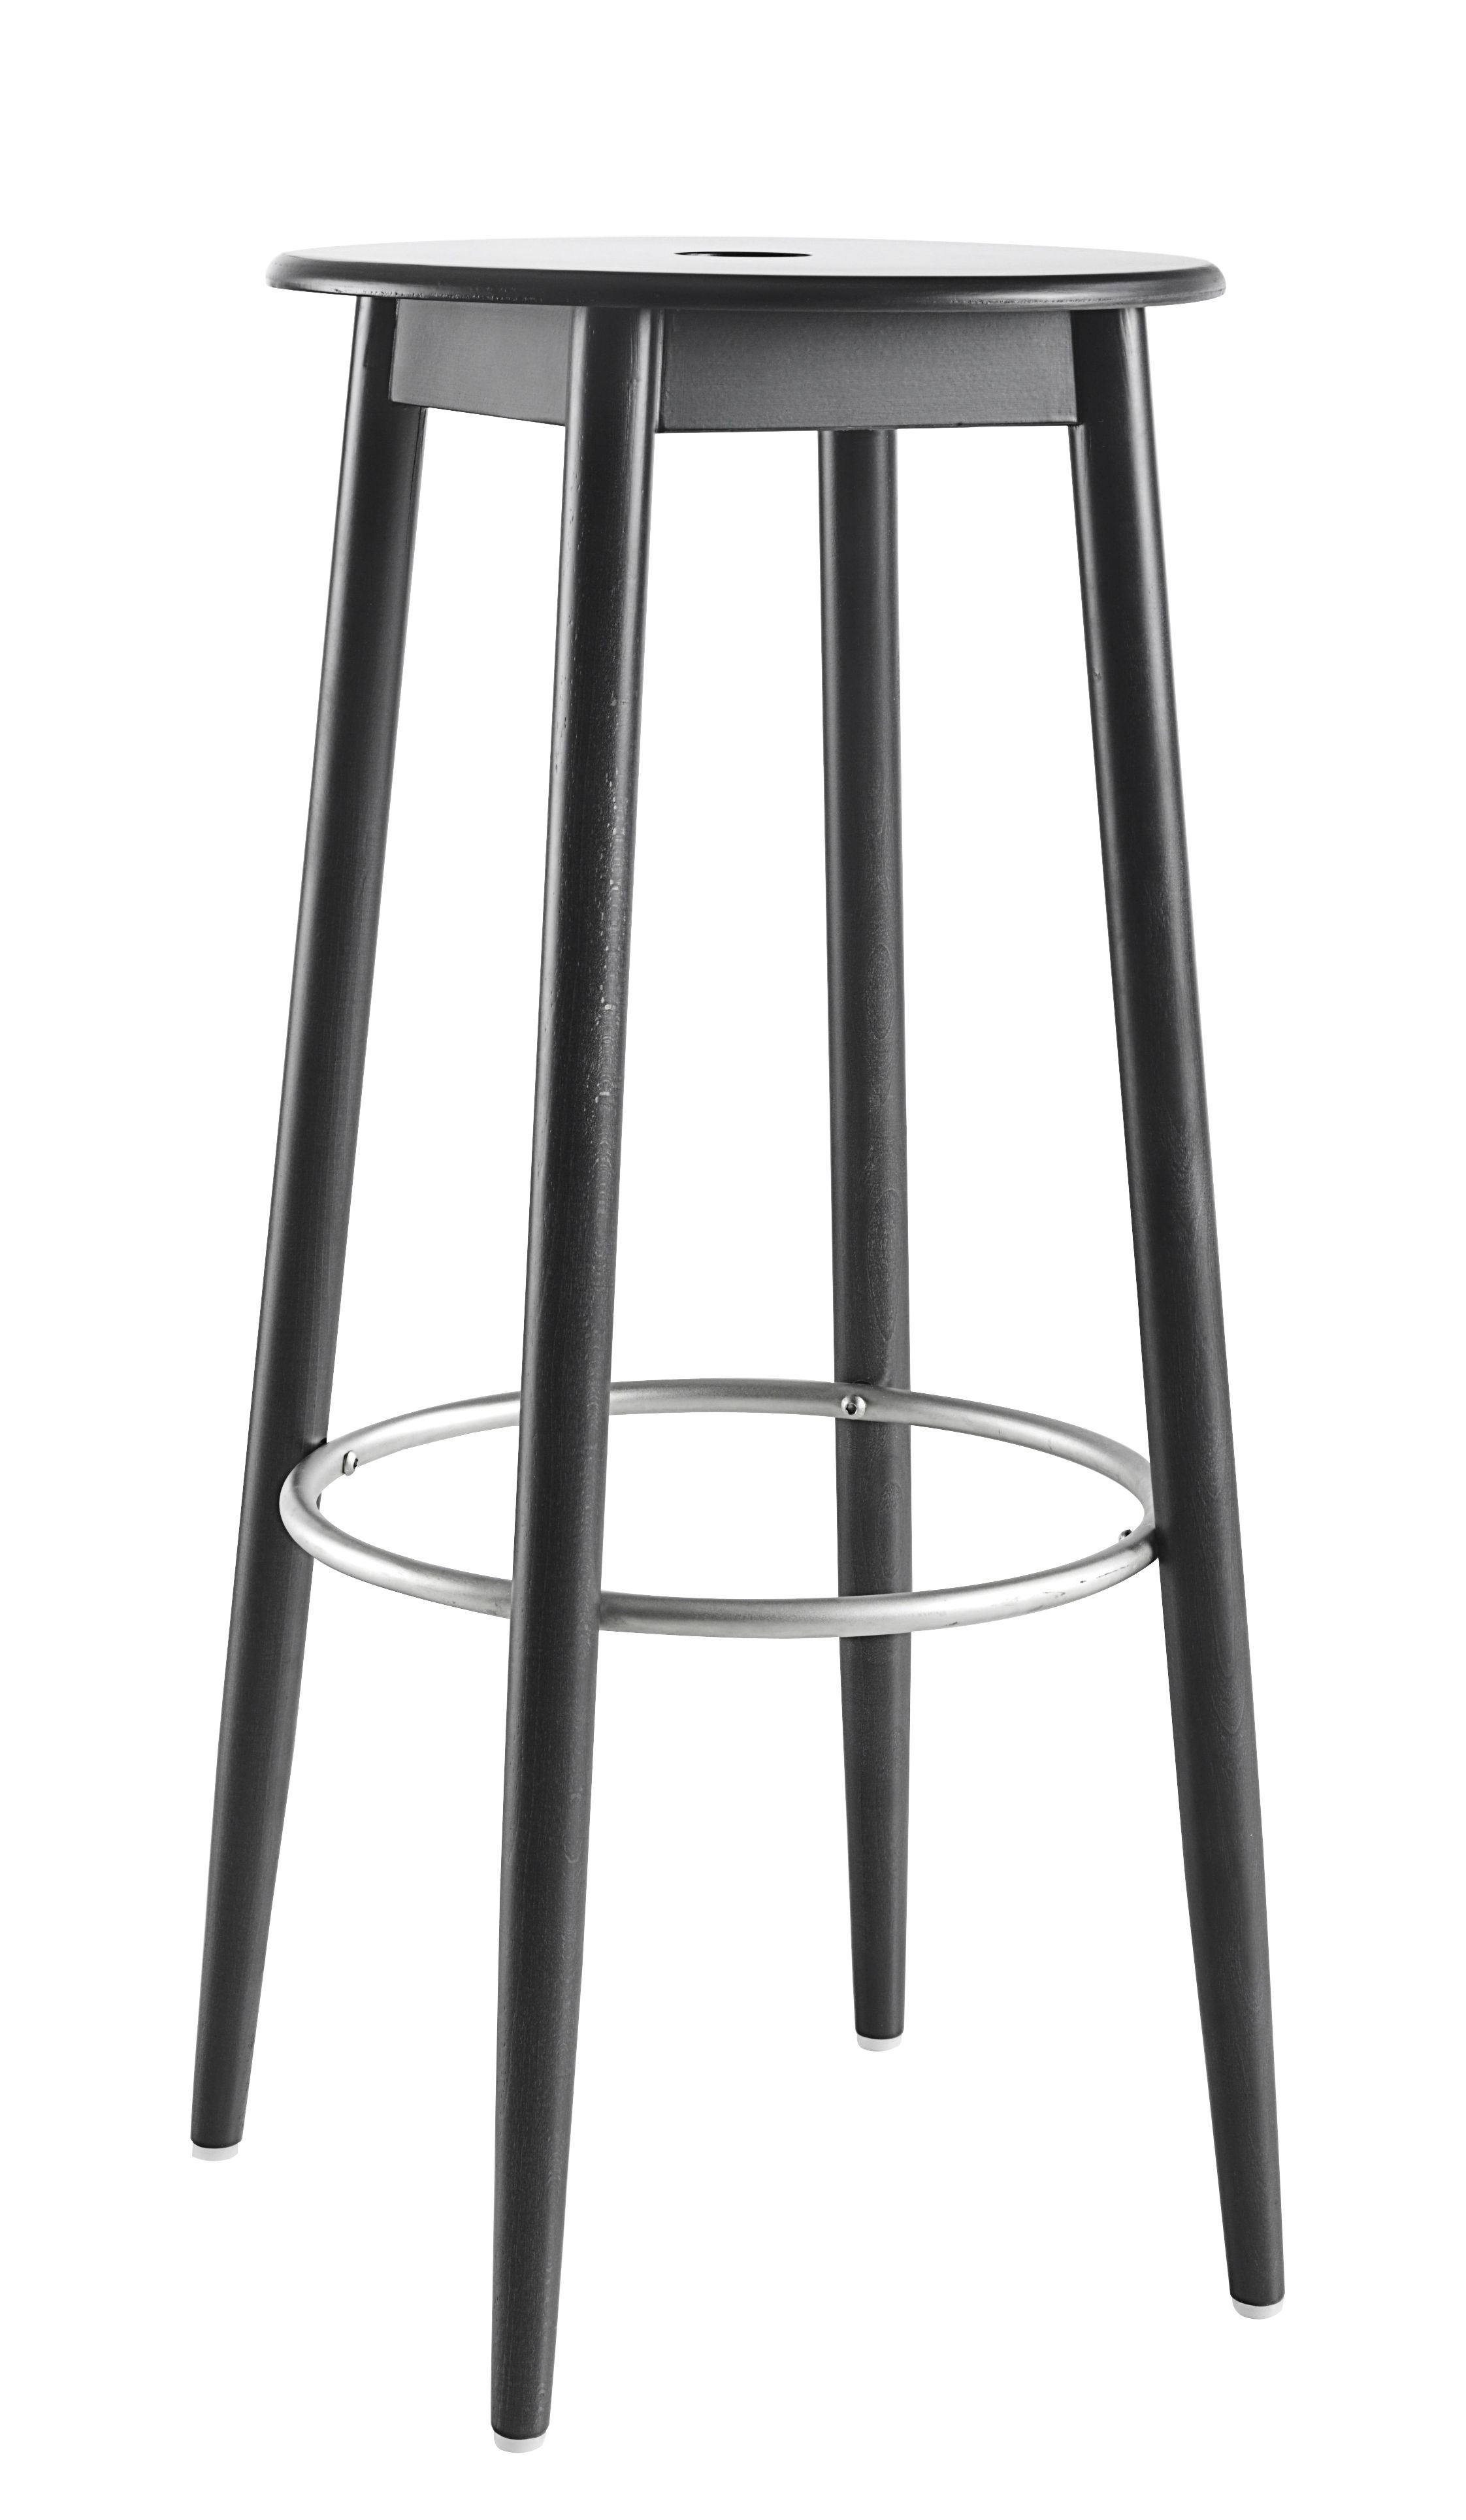 Mobilier - Tabourets de bar - Tabouret de bar Oto / H 75 cm - Bois - Ondarreta - Noir - Hêtre teinté